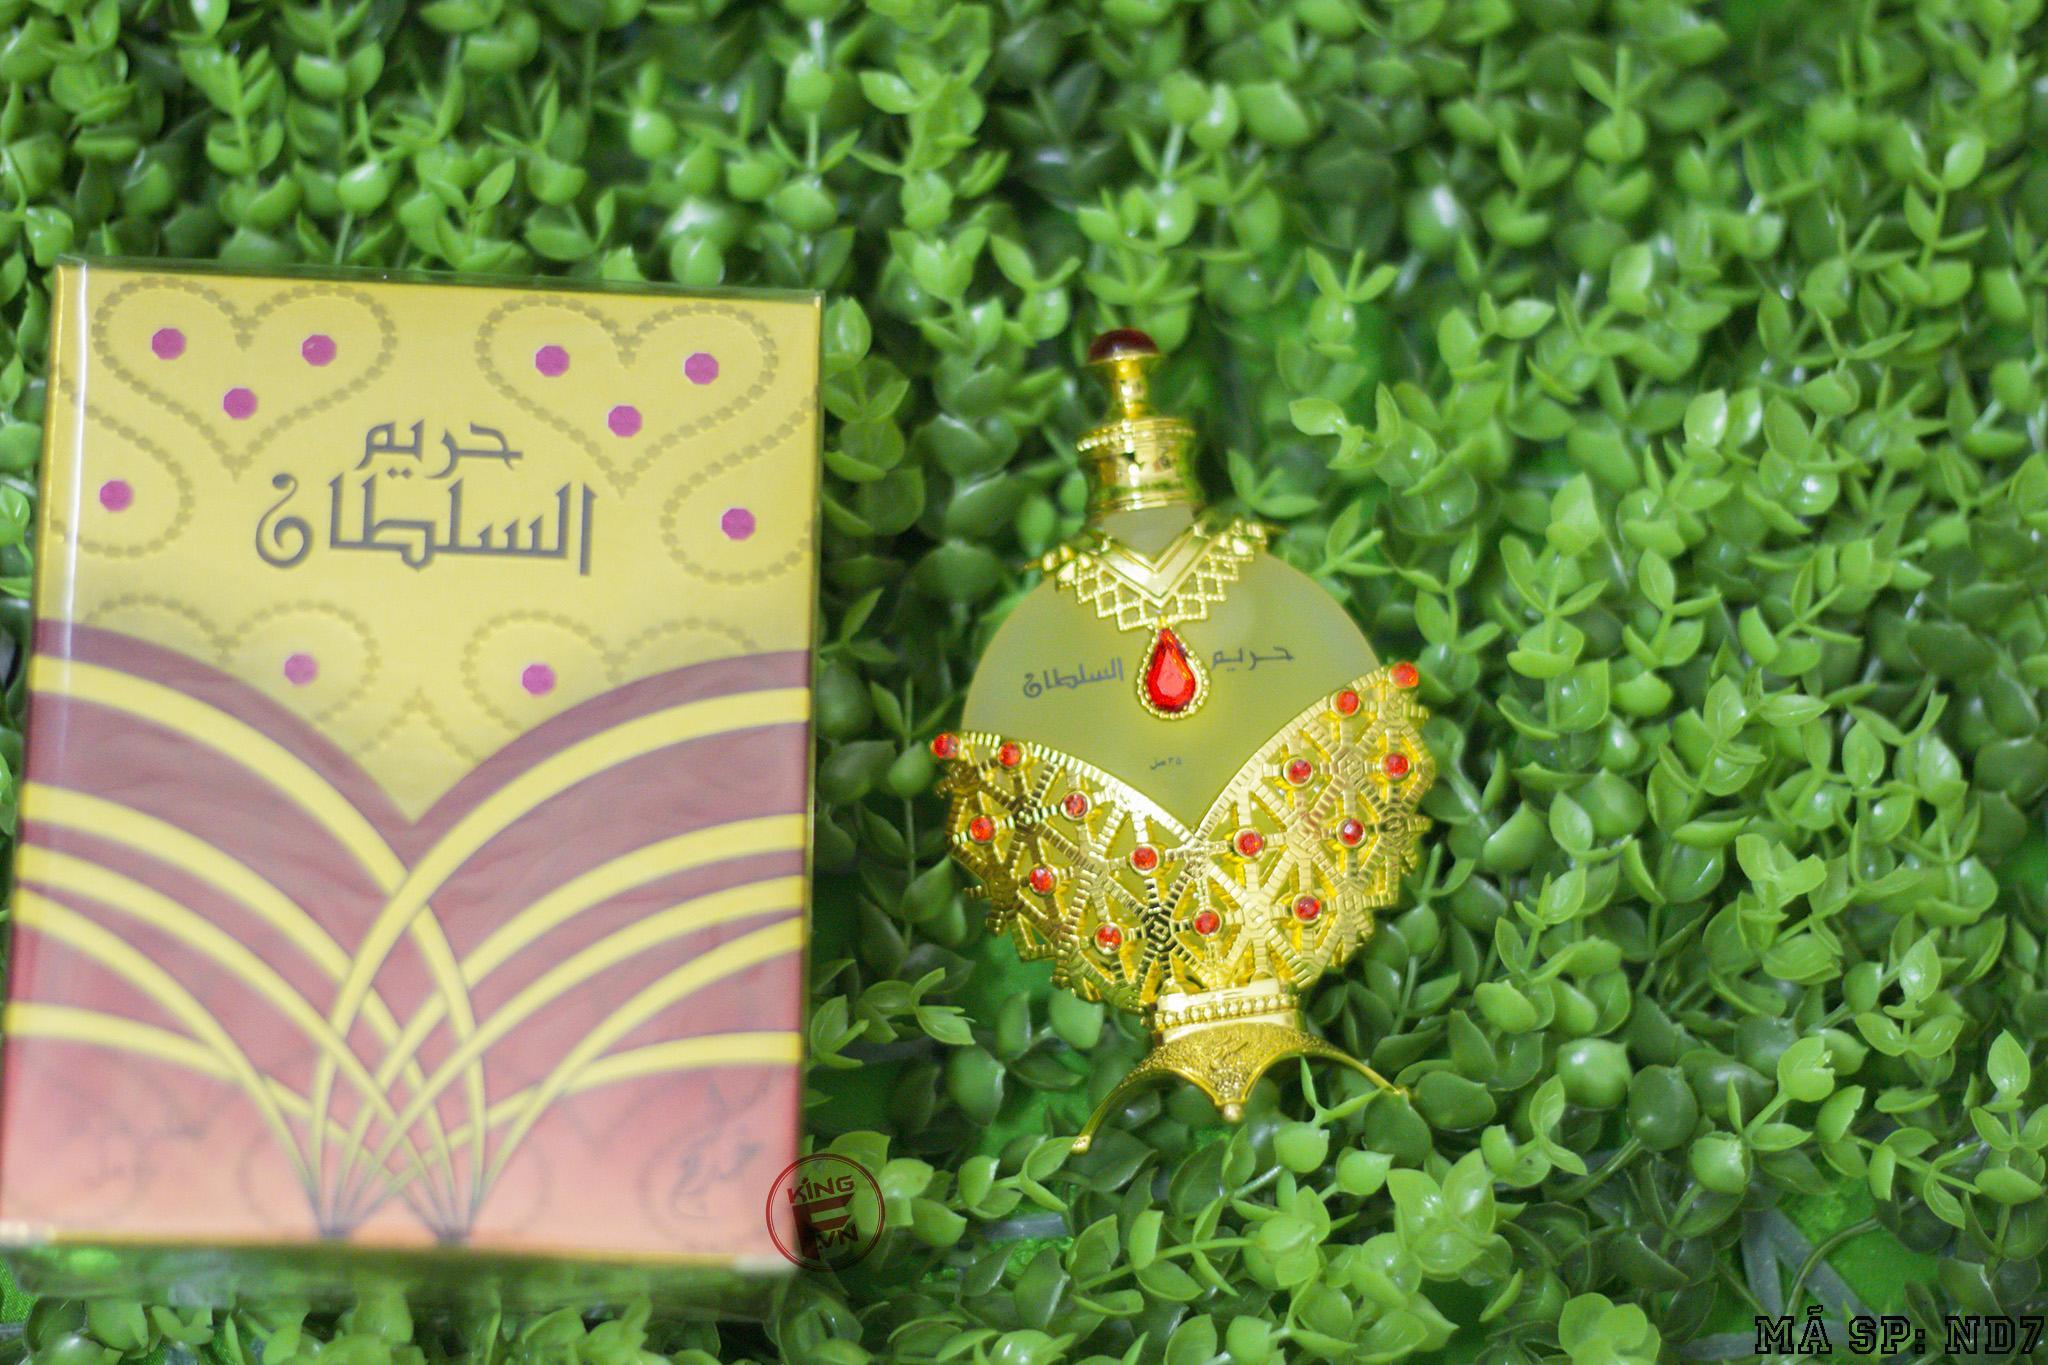 Tinh Dầu Nội Địa Hareem Al Sultan- Nữ Hoàng Đỏ- Tặng mẫu thử 1ML Thiết Kế nhập khẩu